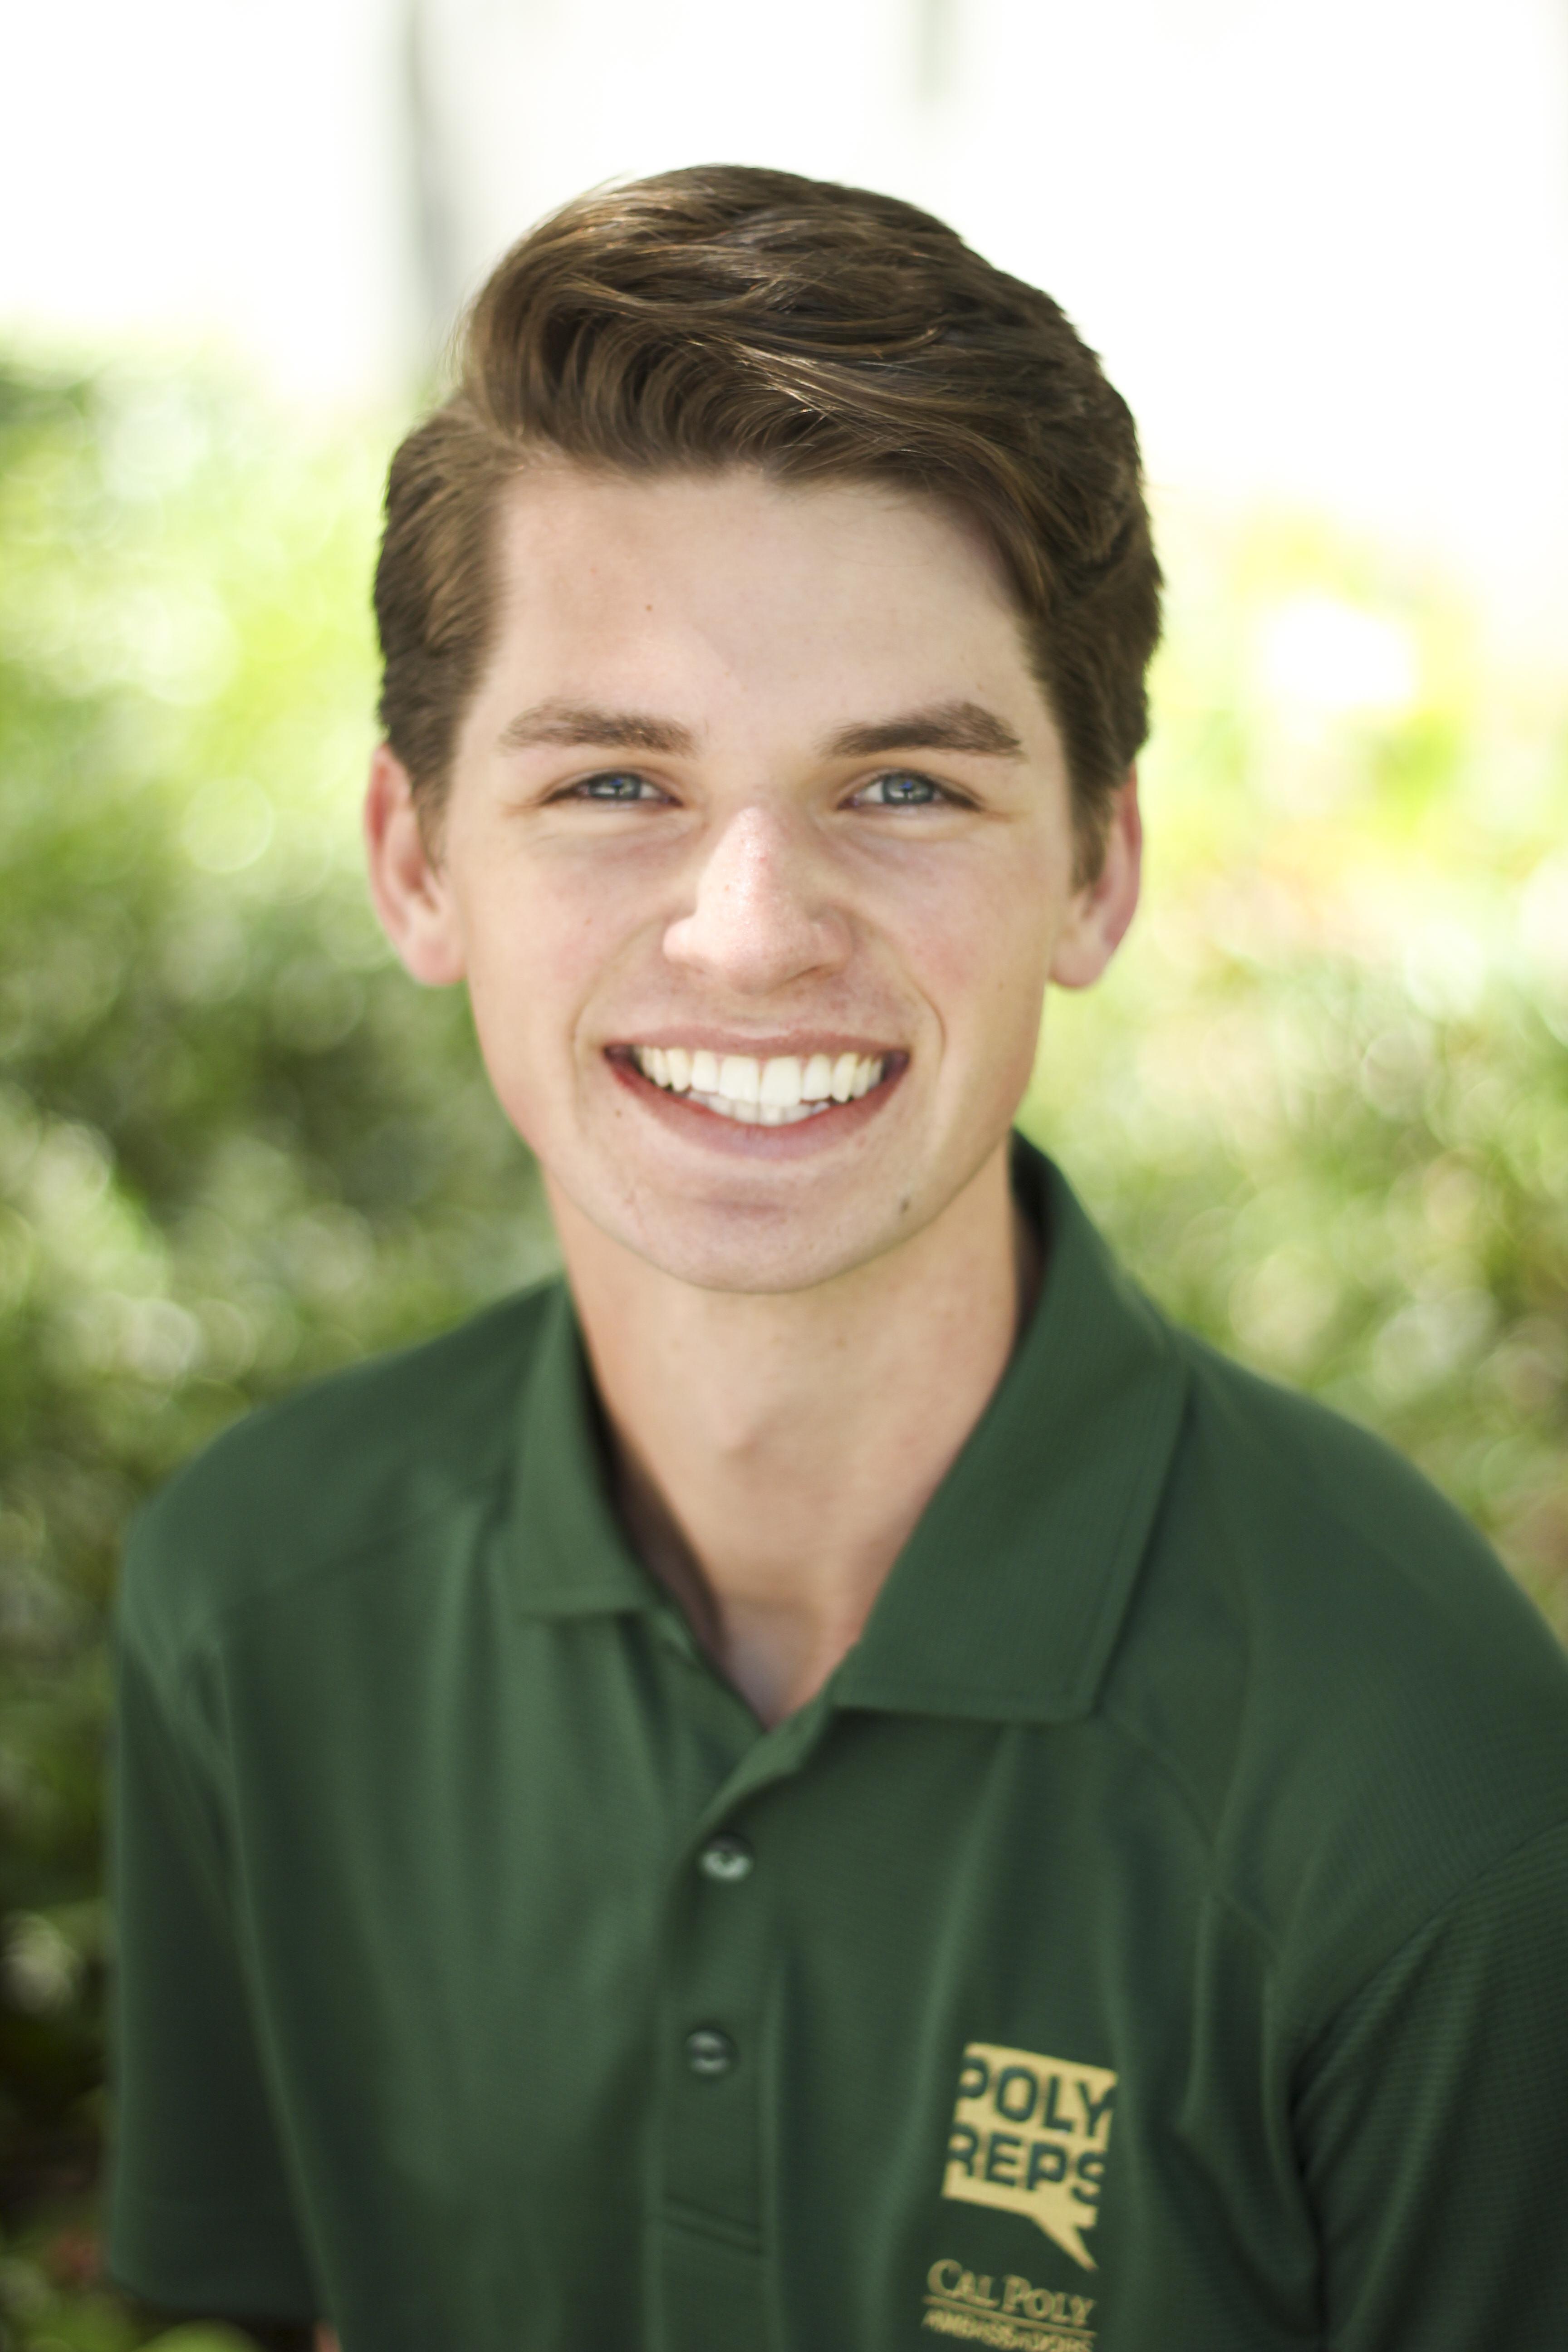 Riley Brant